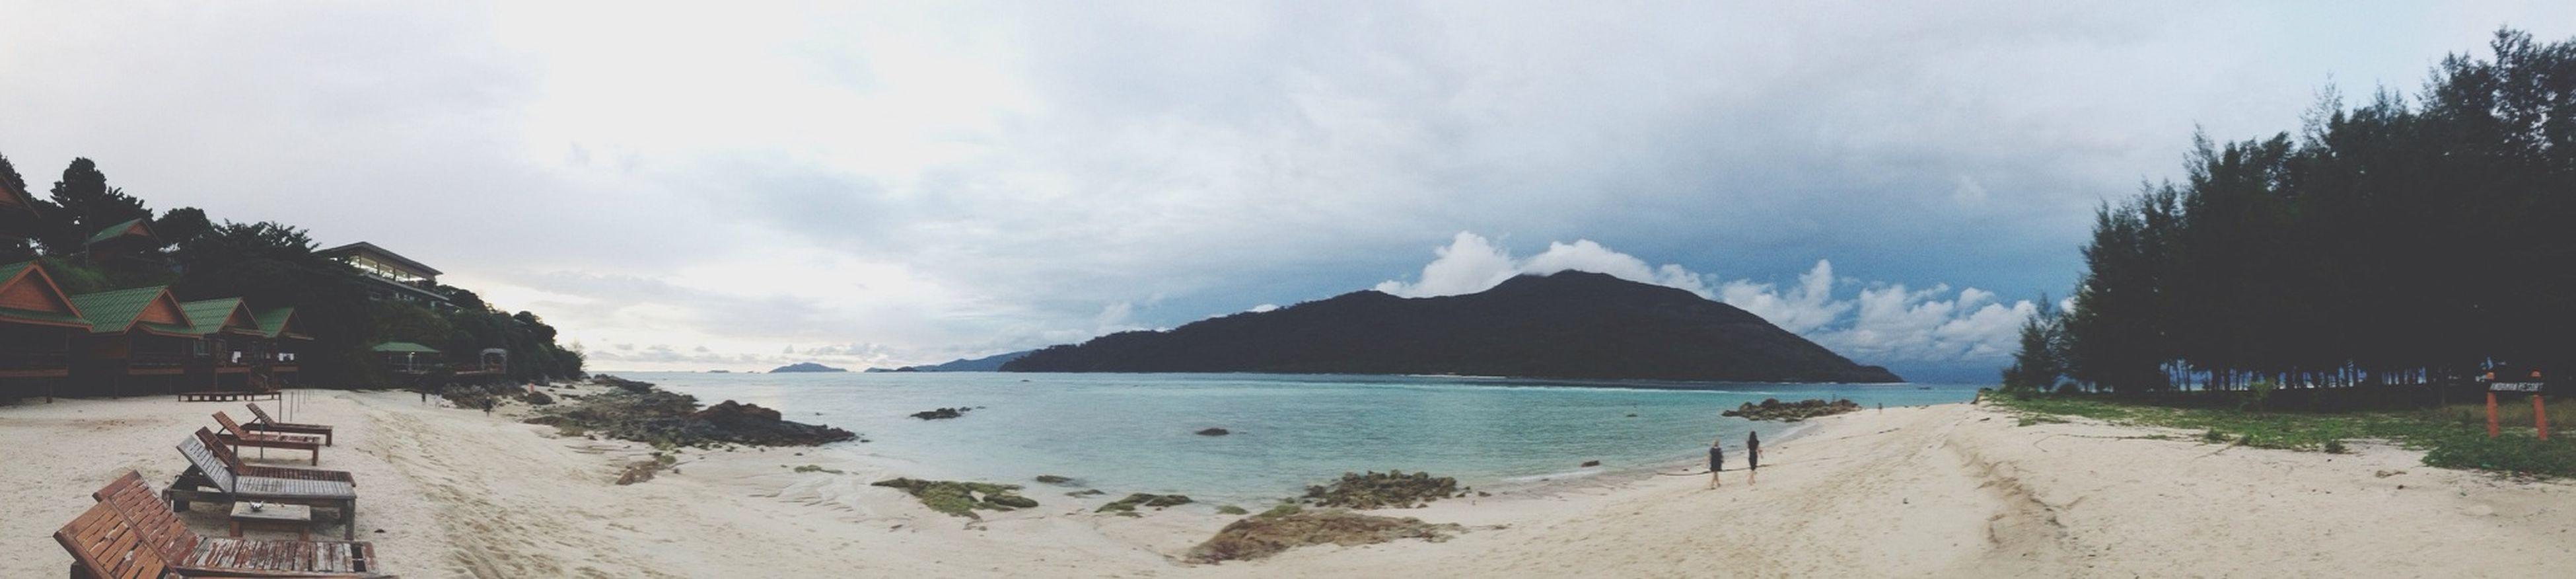 ยามเหงาให้คิดถึงทะเล ว่าที่นั้นเหงากว่า 100 เท่า (: